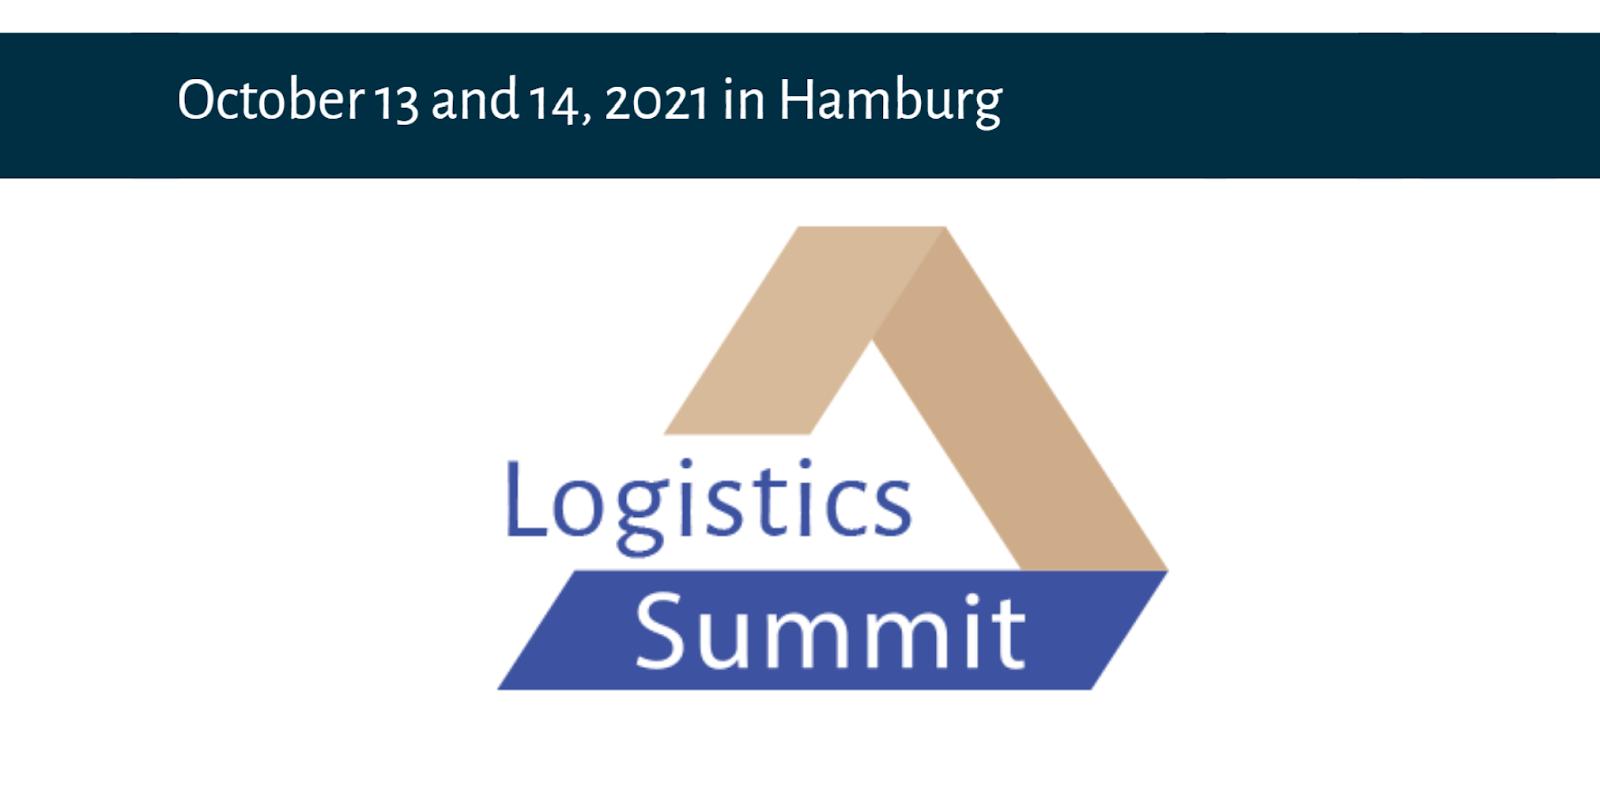 Logistics-Summit-2021-1